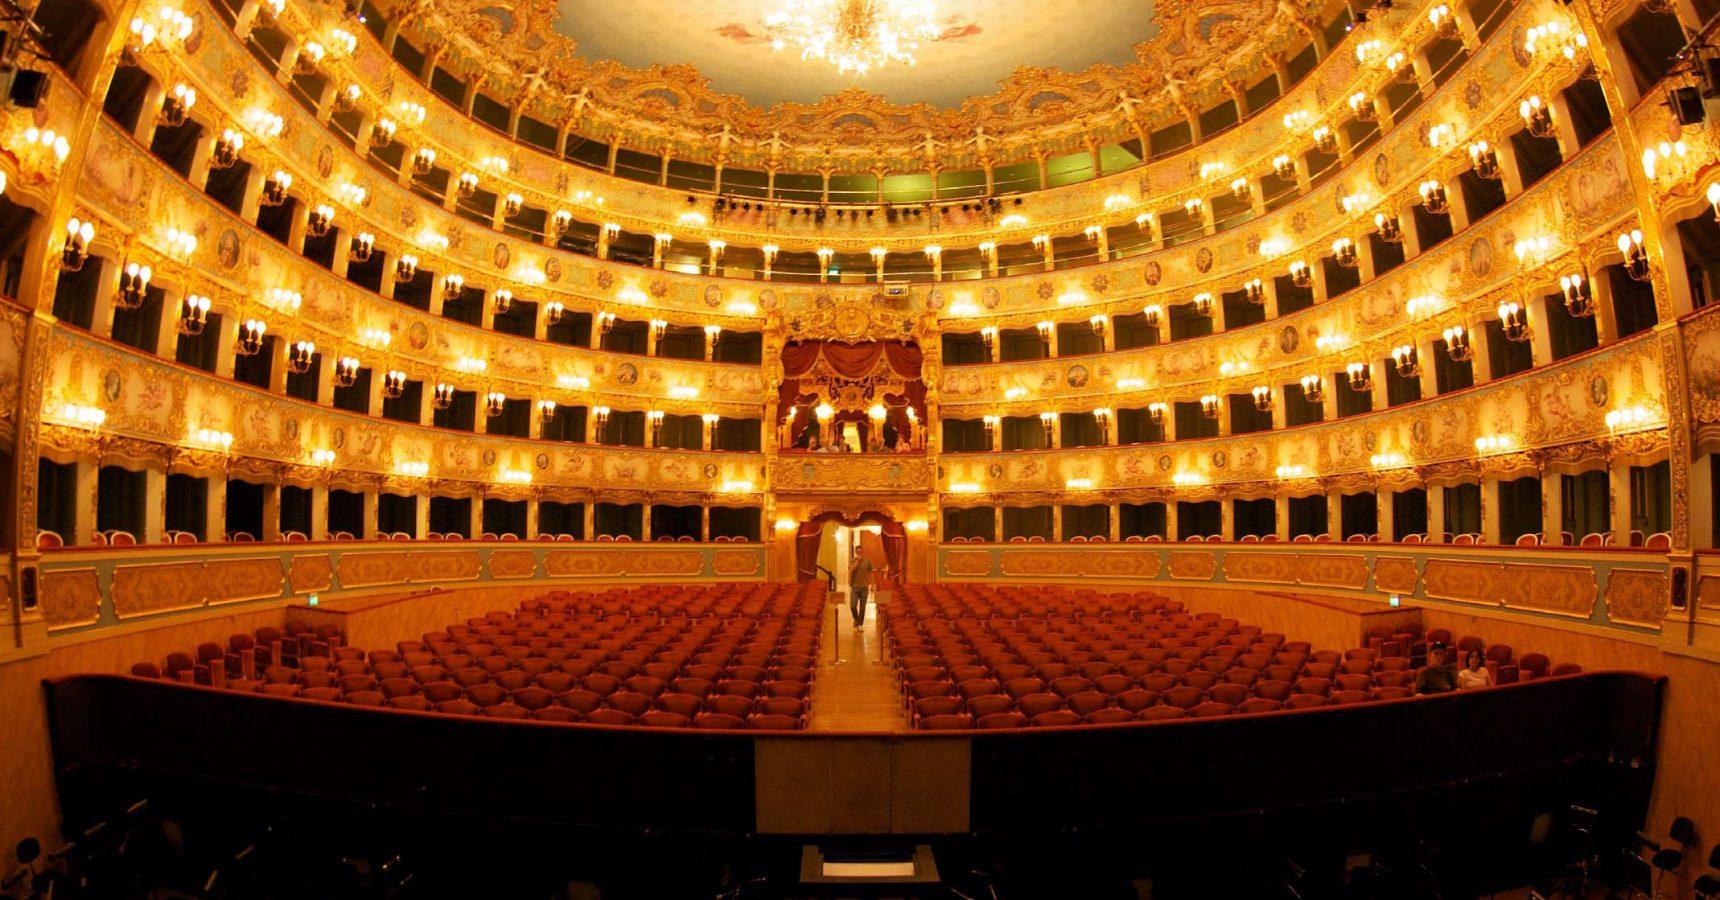 teatro-la-fenice-s3 (1)